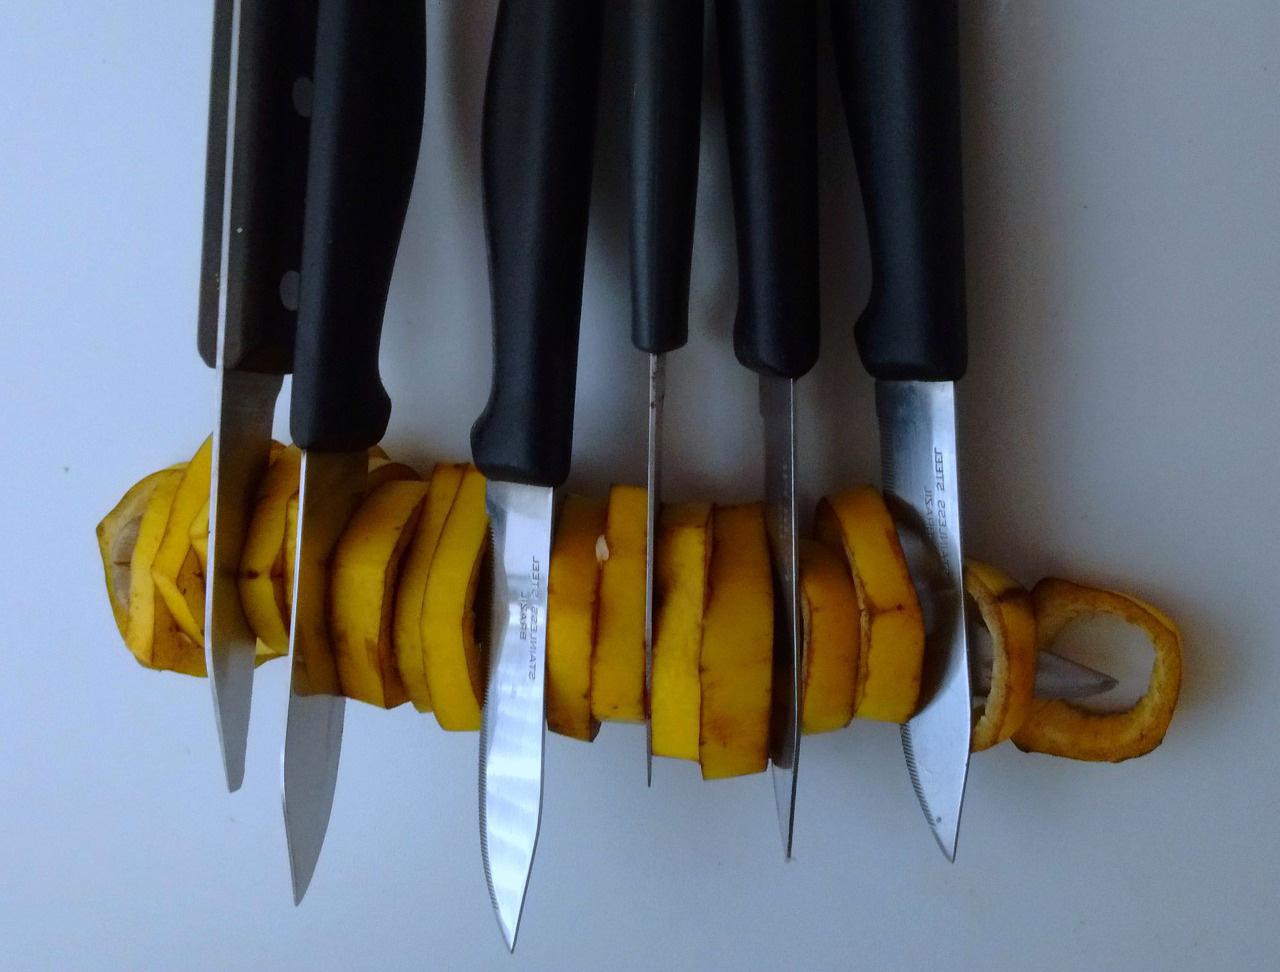 Banán és kések kék alapon